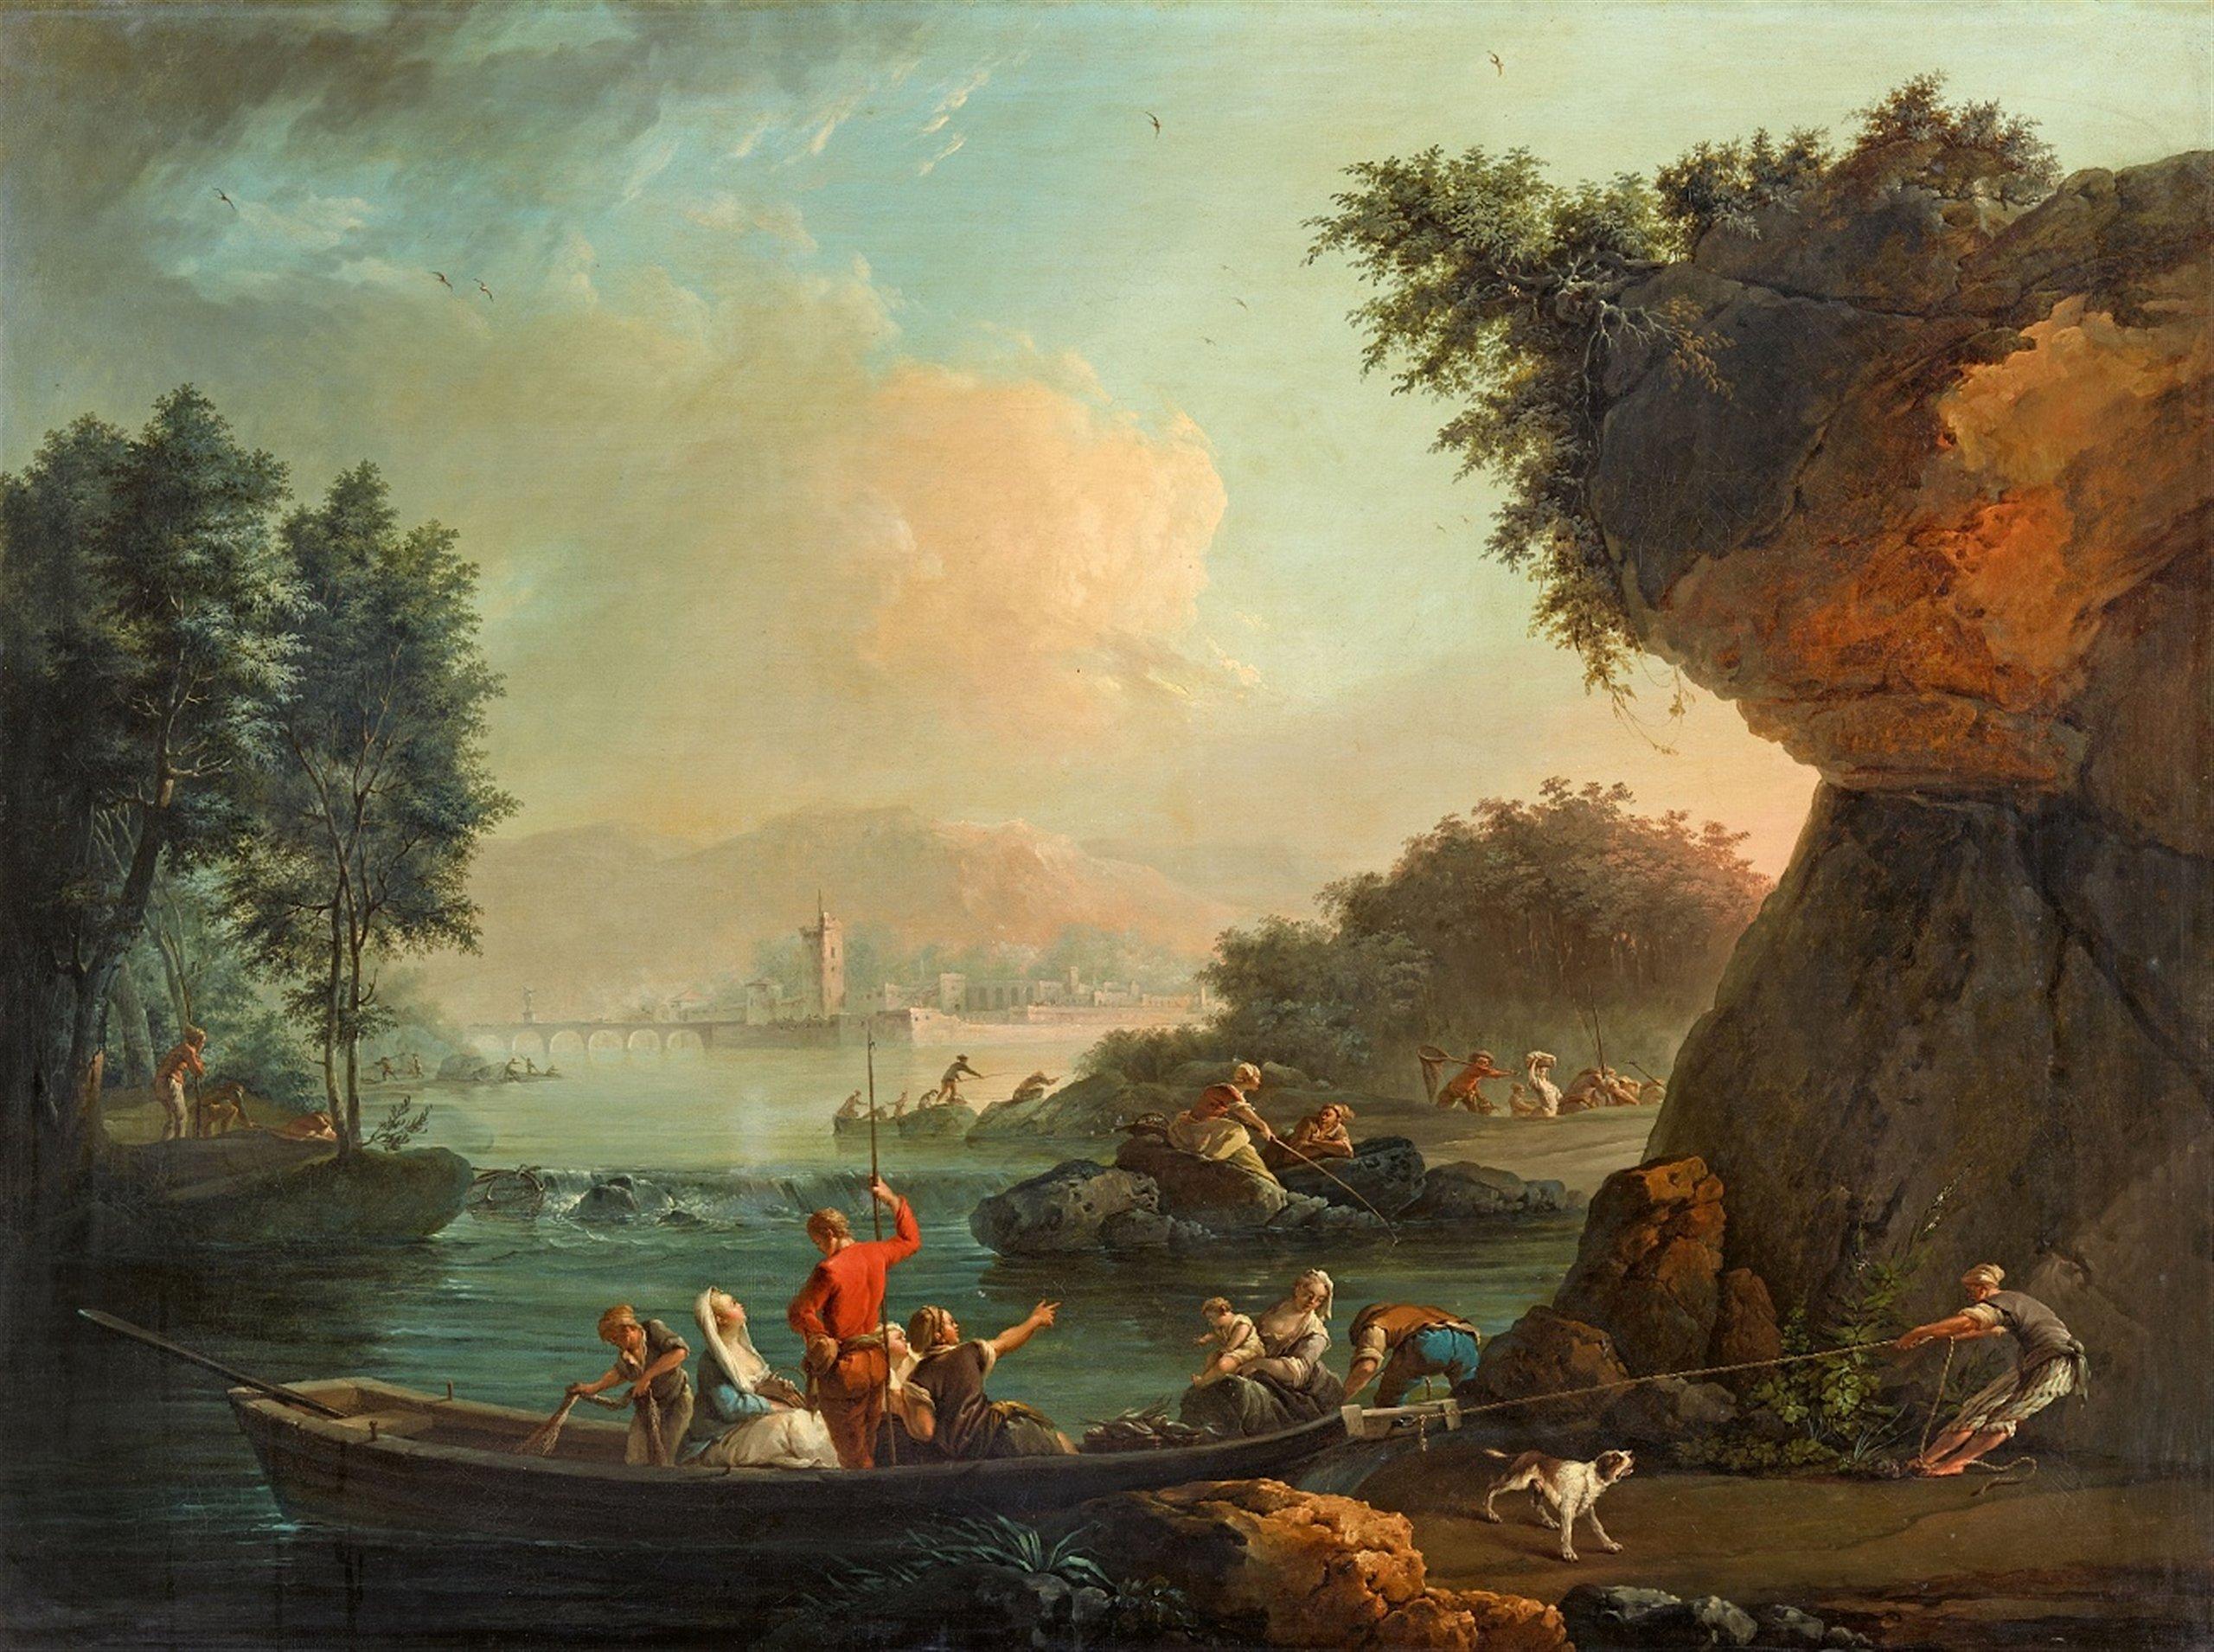 Claude-Joseph Vernet, Paysage côtier au crépuscule - de la série des Quatre moments de la journée, image © Lempertz